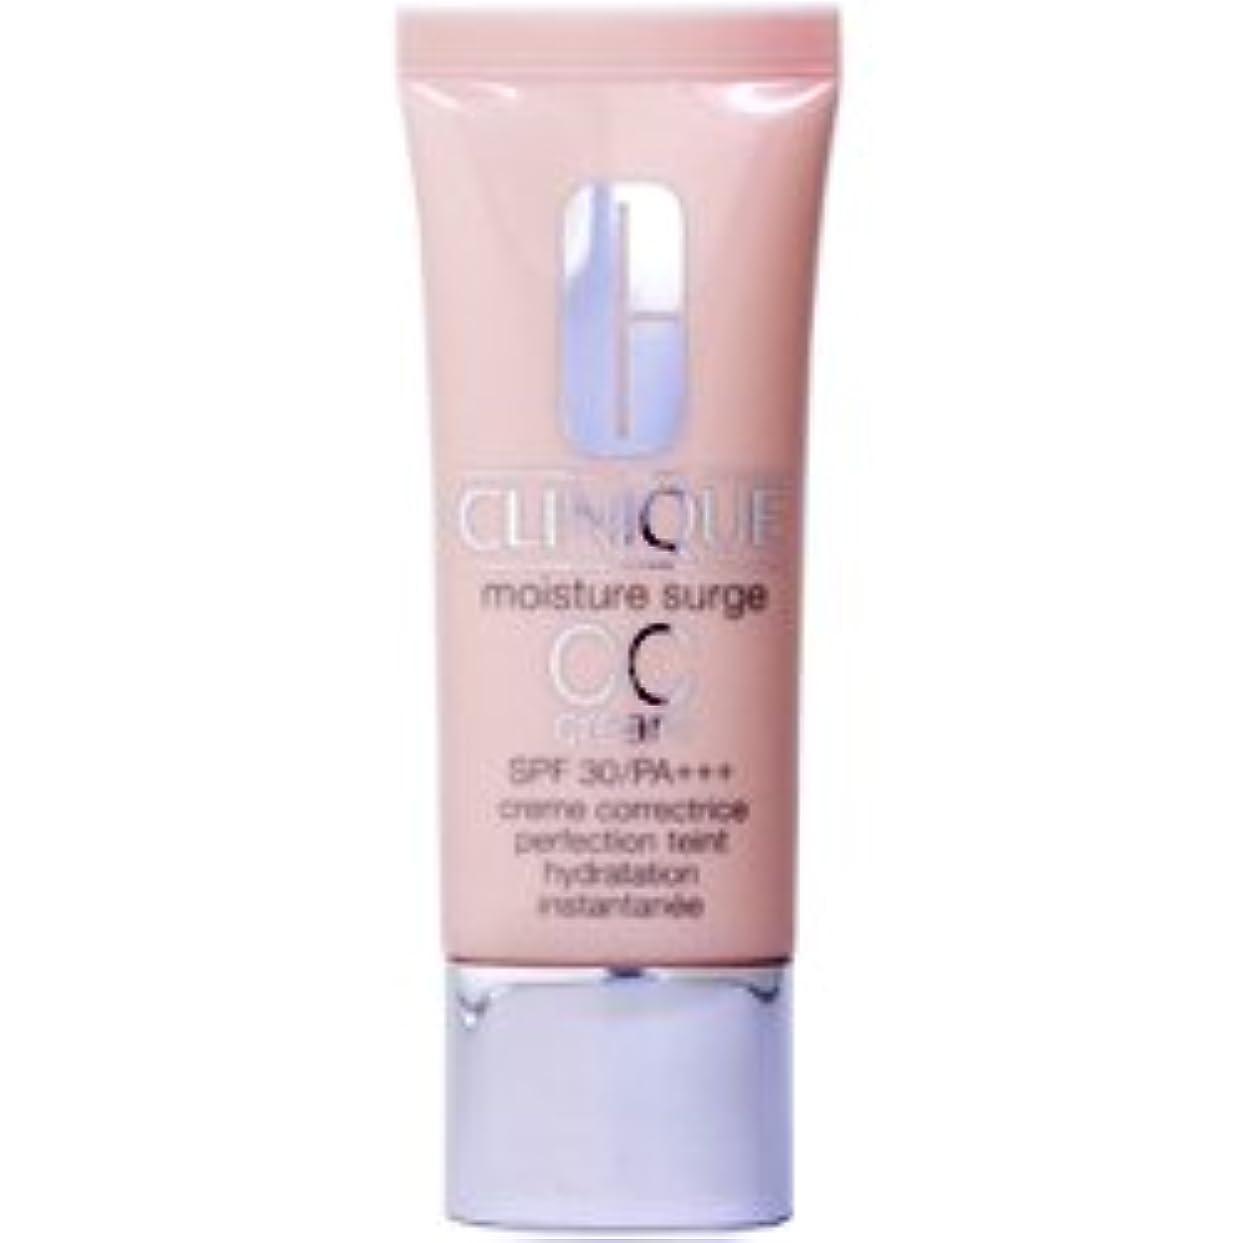 美容師質素な工業化するクリニーク モイスチャーサージ CCクリーム 30 SPF30/PA+++ 40mL 01 [並行輸入品]